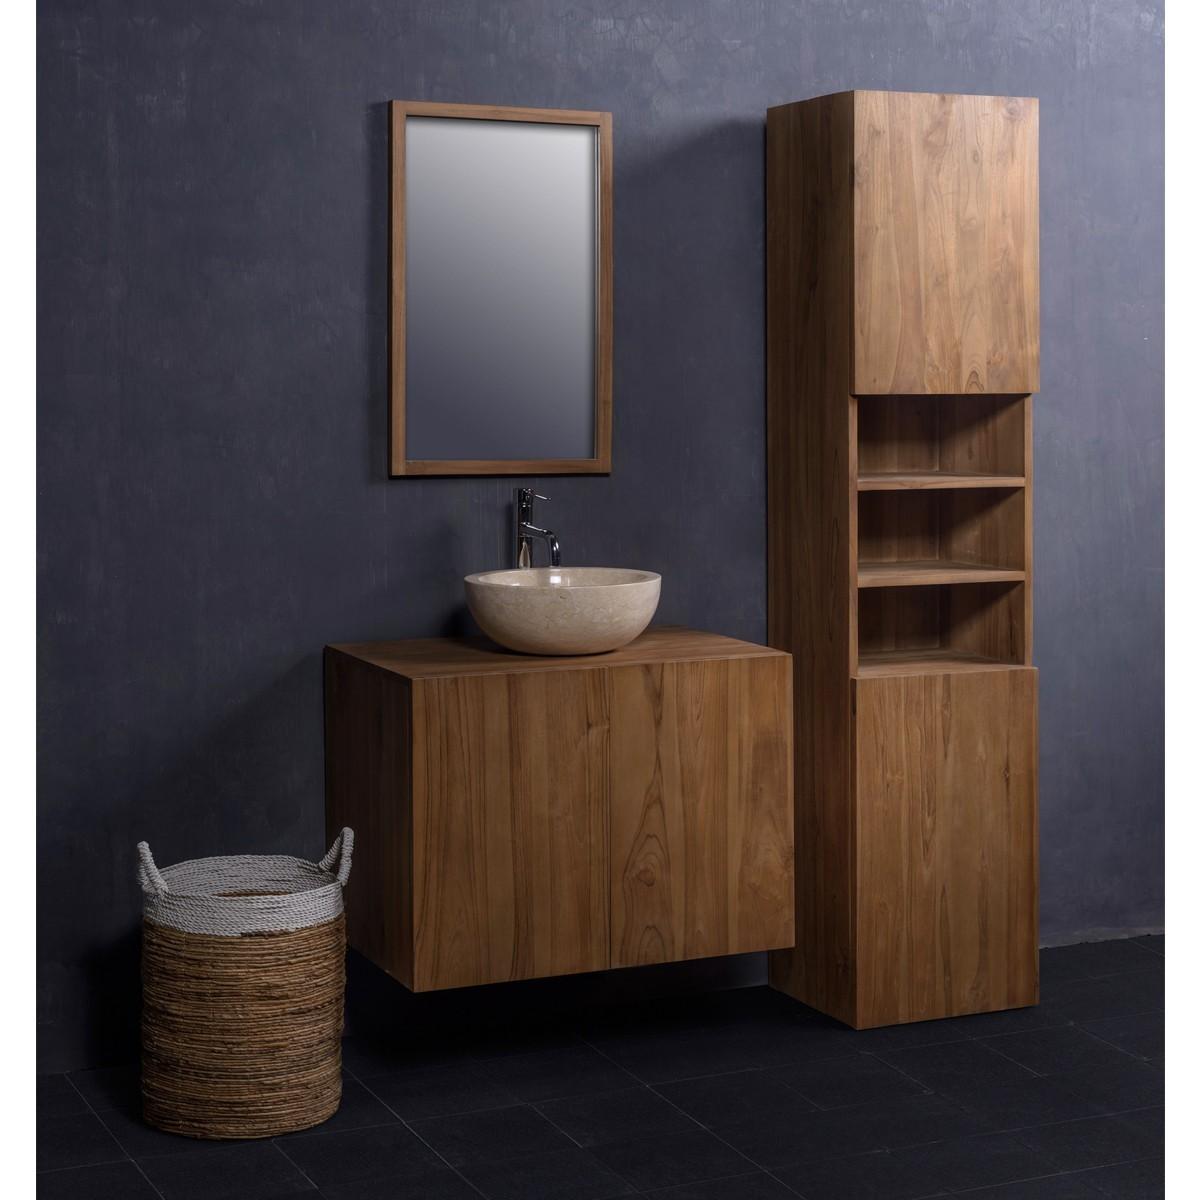 Ensemble de salle de bain en bois de teck 80 - Bois Dessus ...